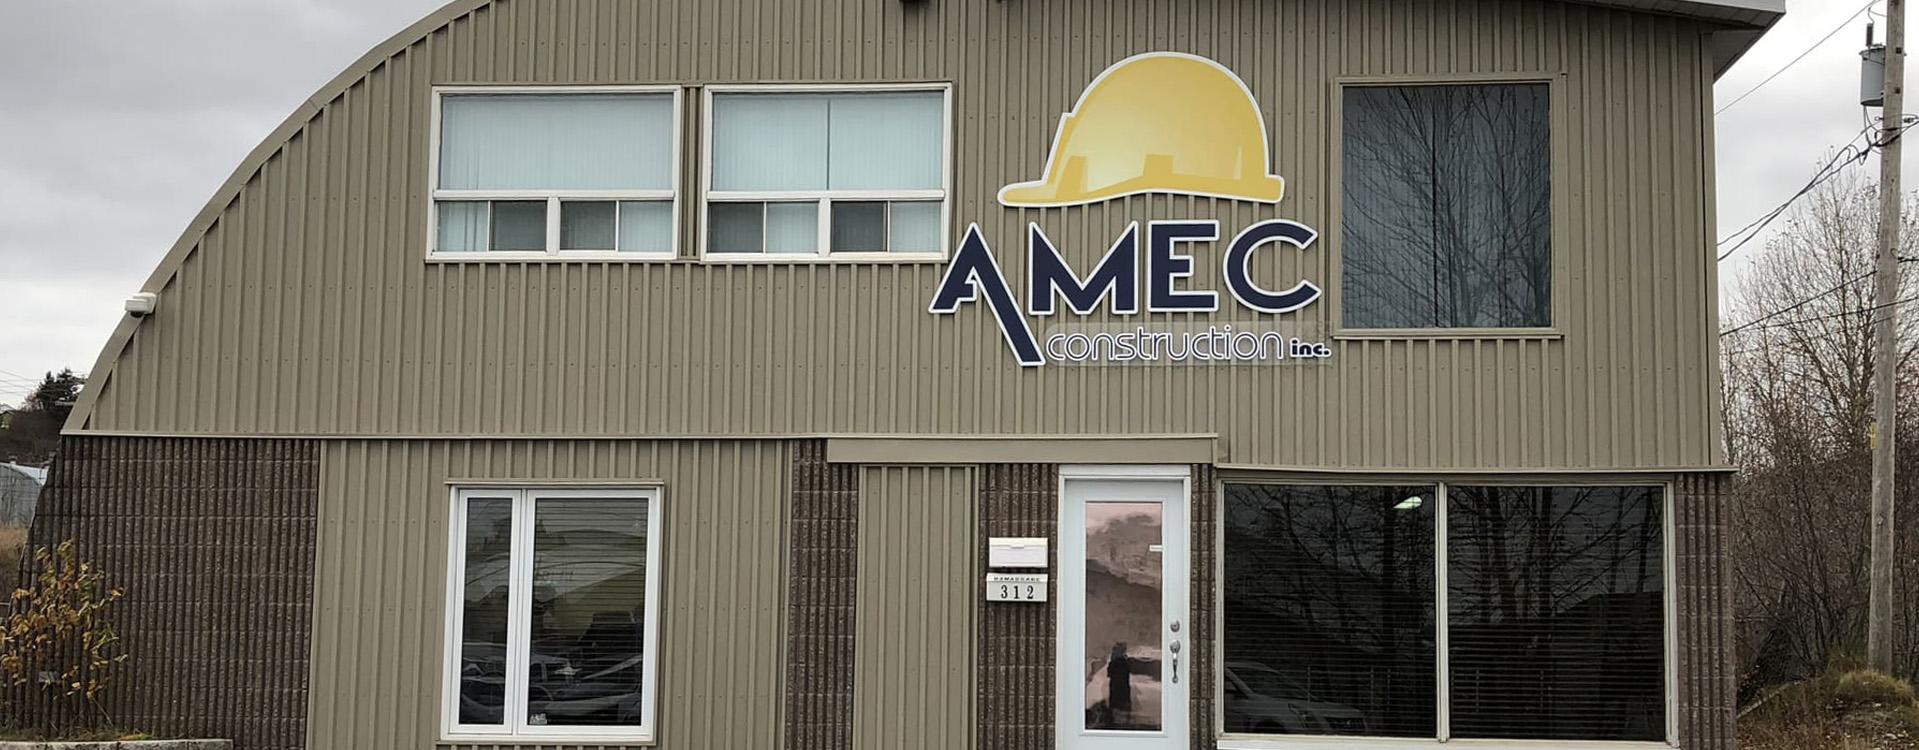 Entreprise - AMEC Construction